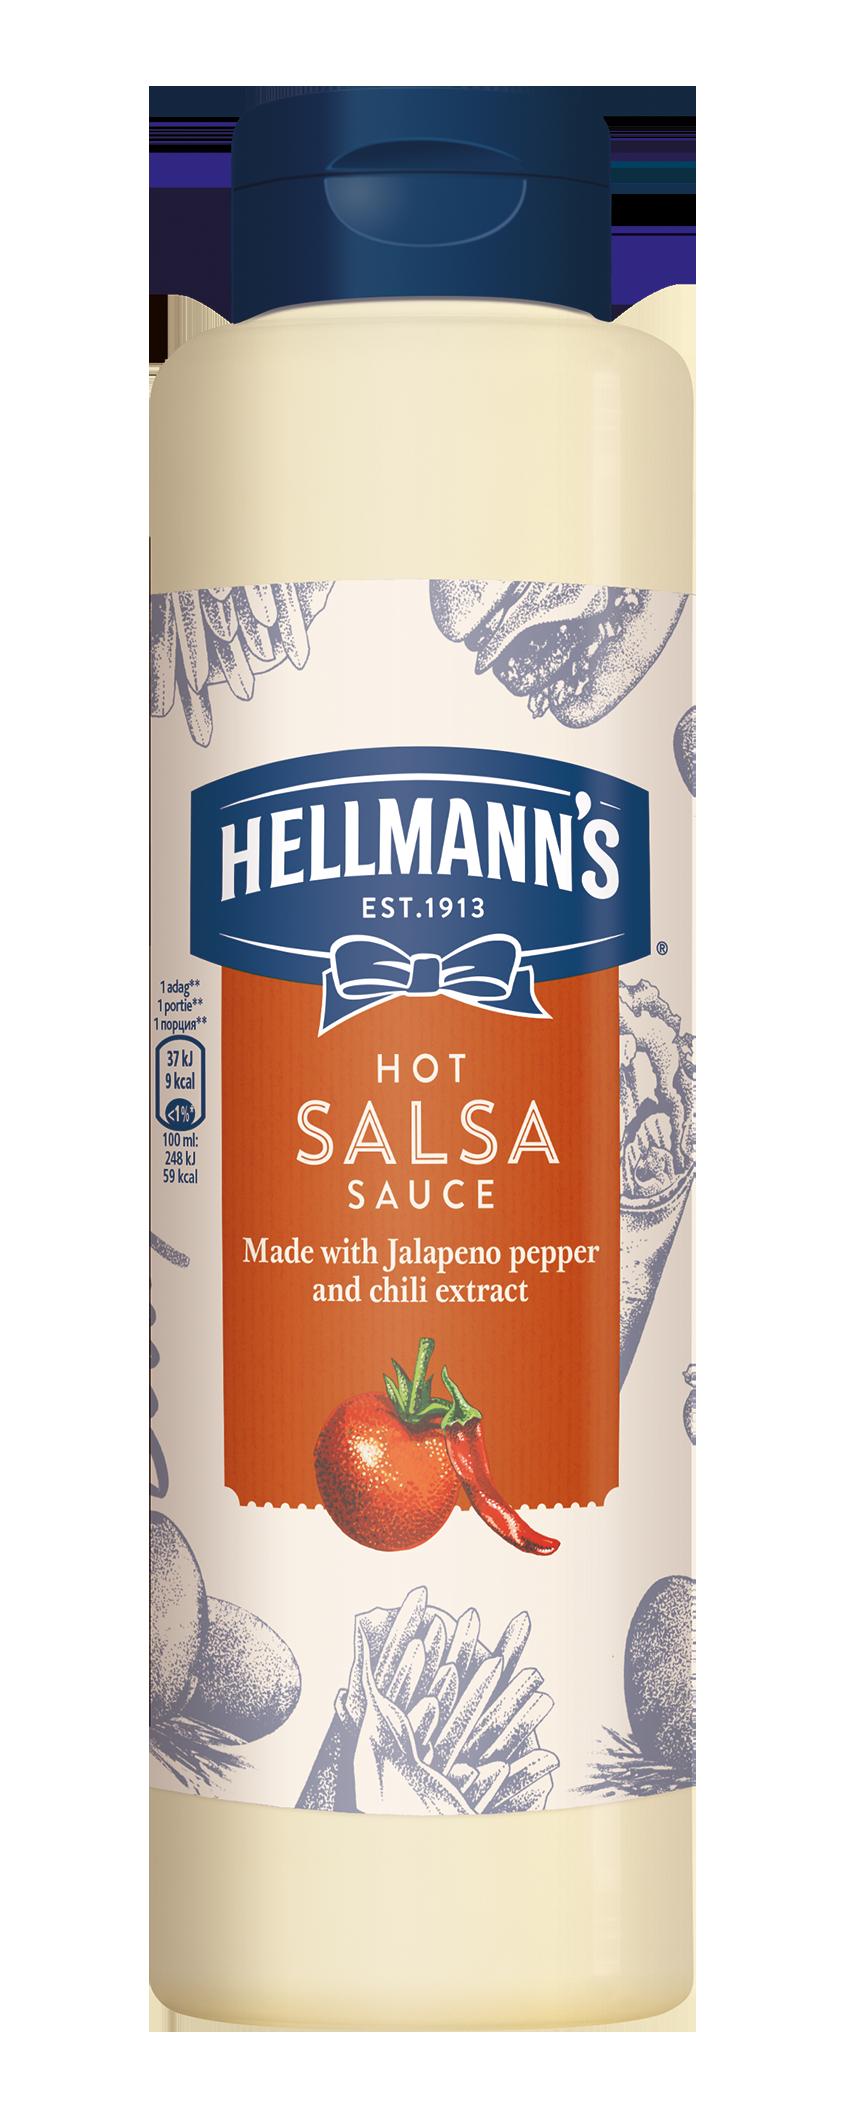 HELLMANN'S Csípős Salsa szósz 850 ml -  Minőségi márkájú termék felszolgálása pozitív benyomást kelt a vendégekben.